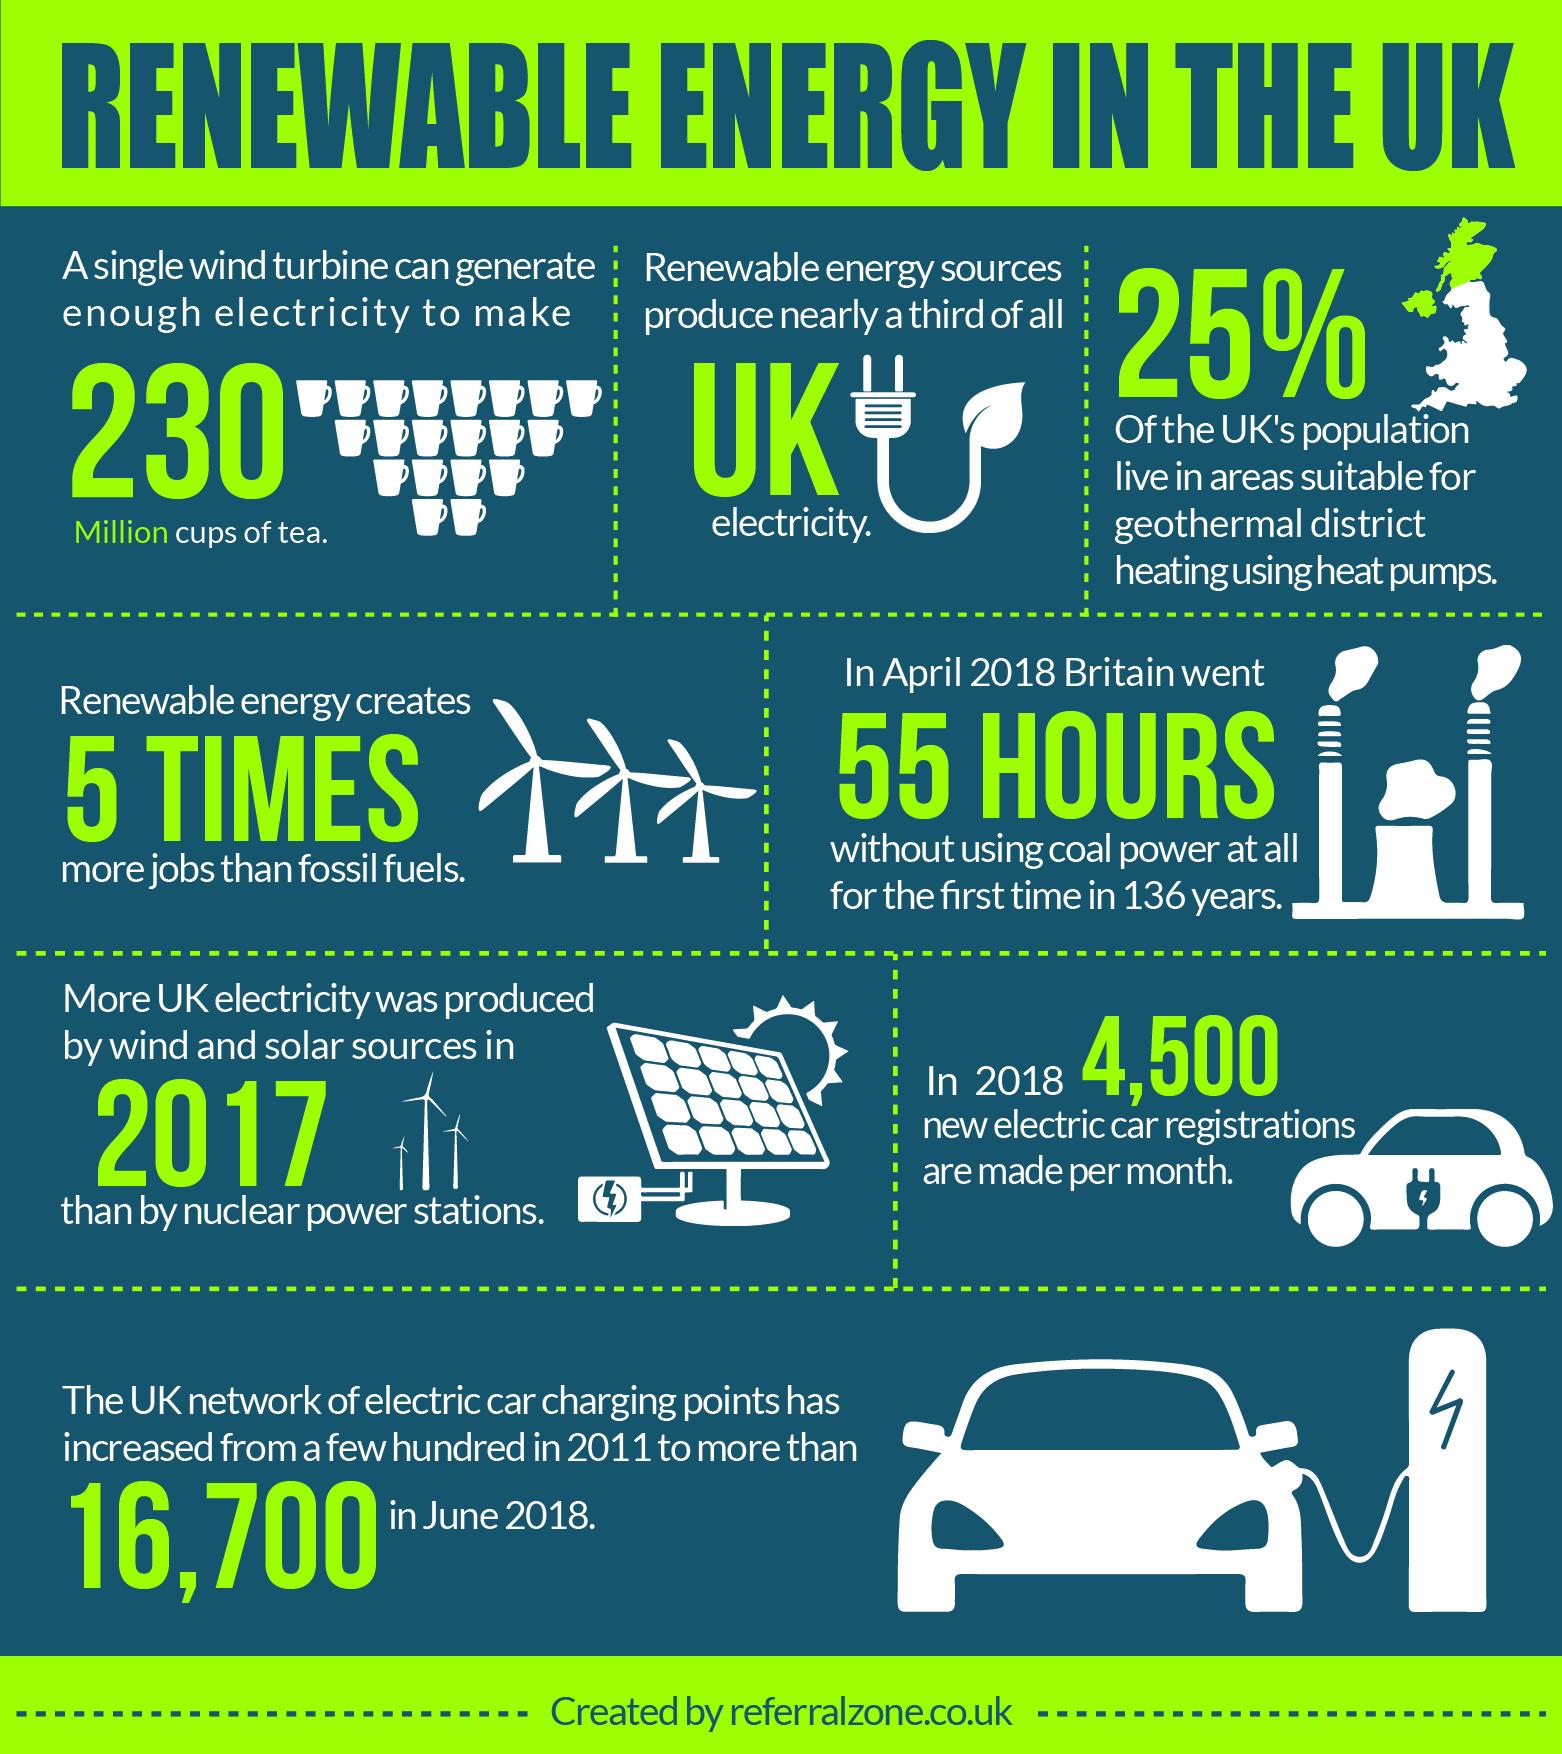 uk renewable energy infographic